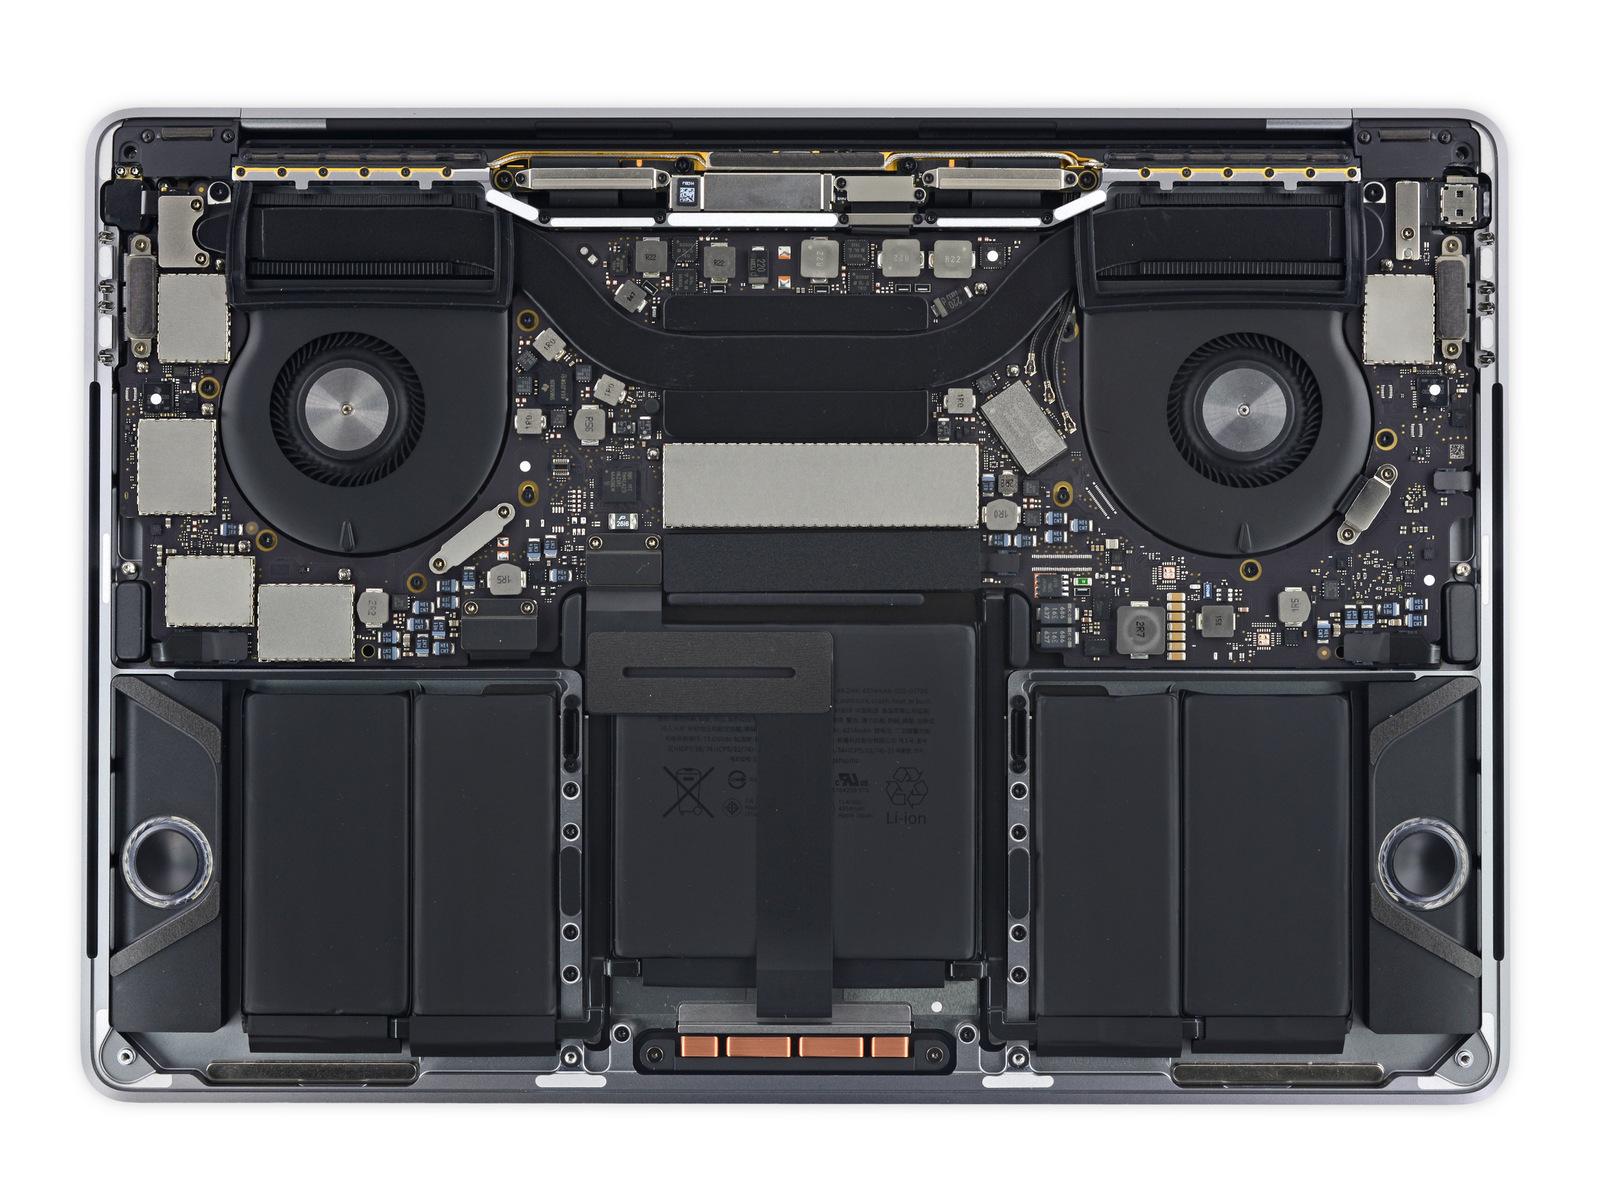 MacBook Pro Specs